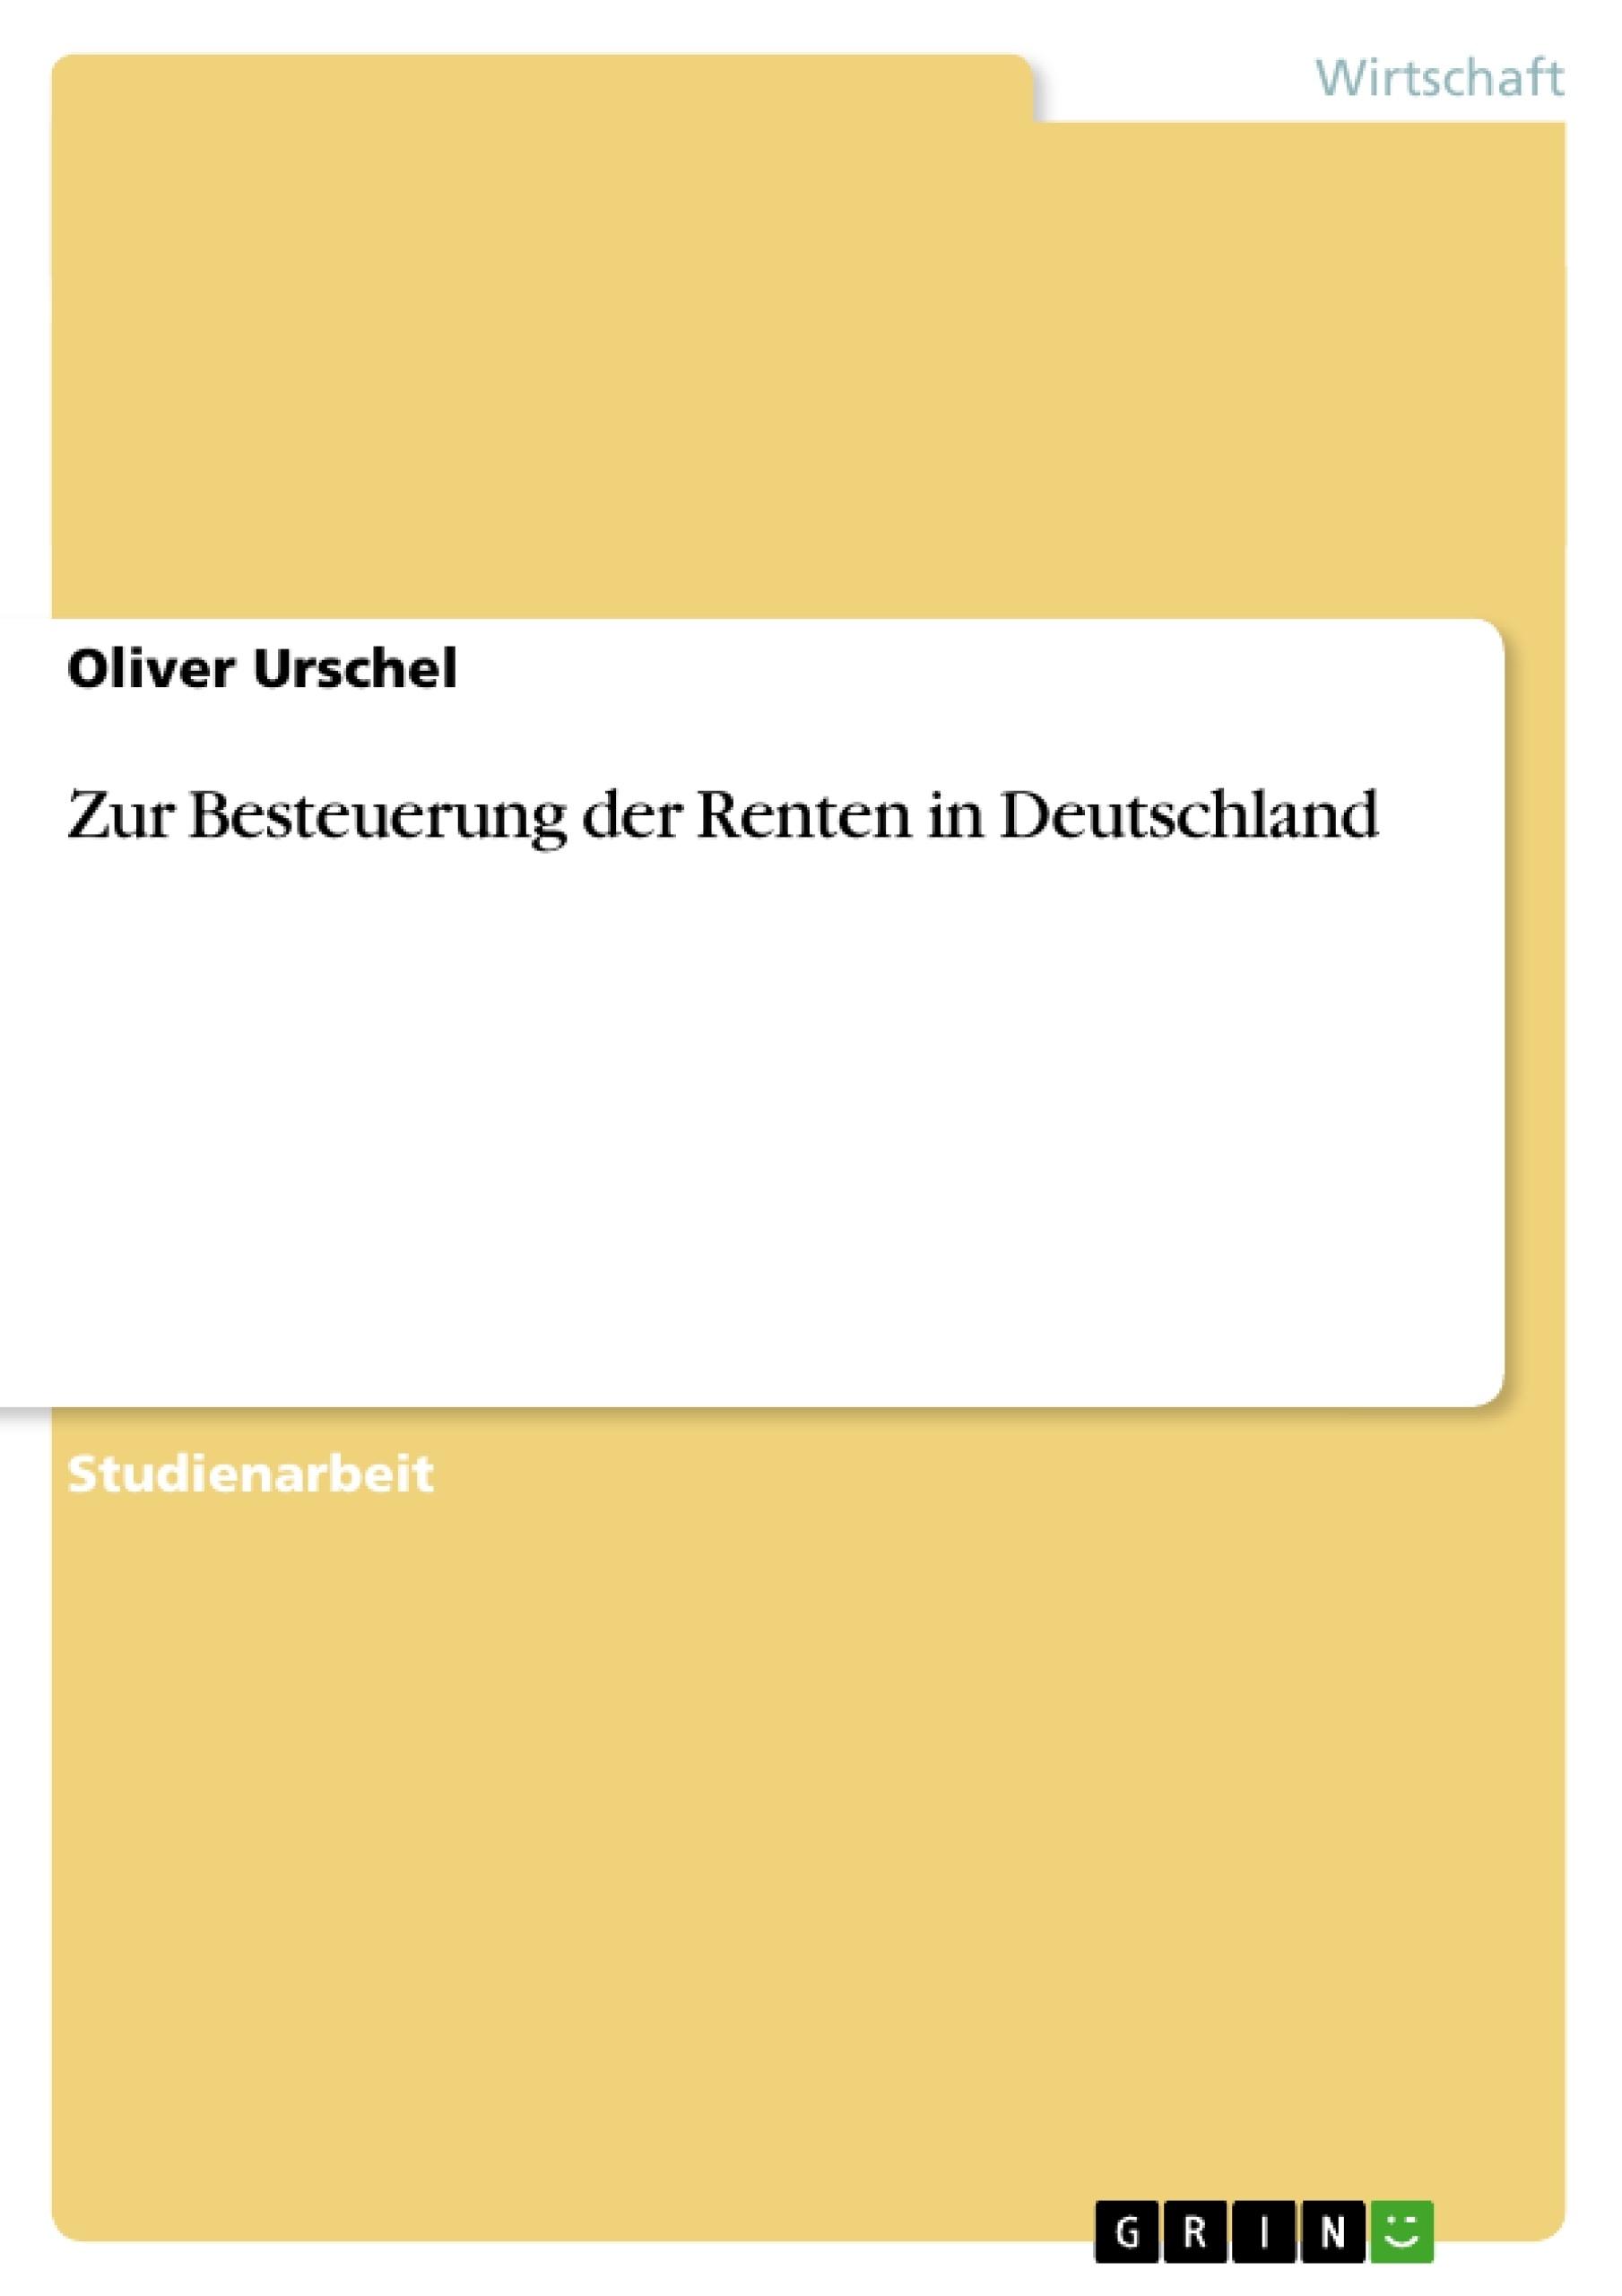 Titel: Zur Besteuerung der Renten in Deutschland